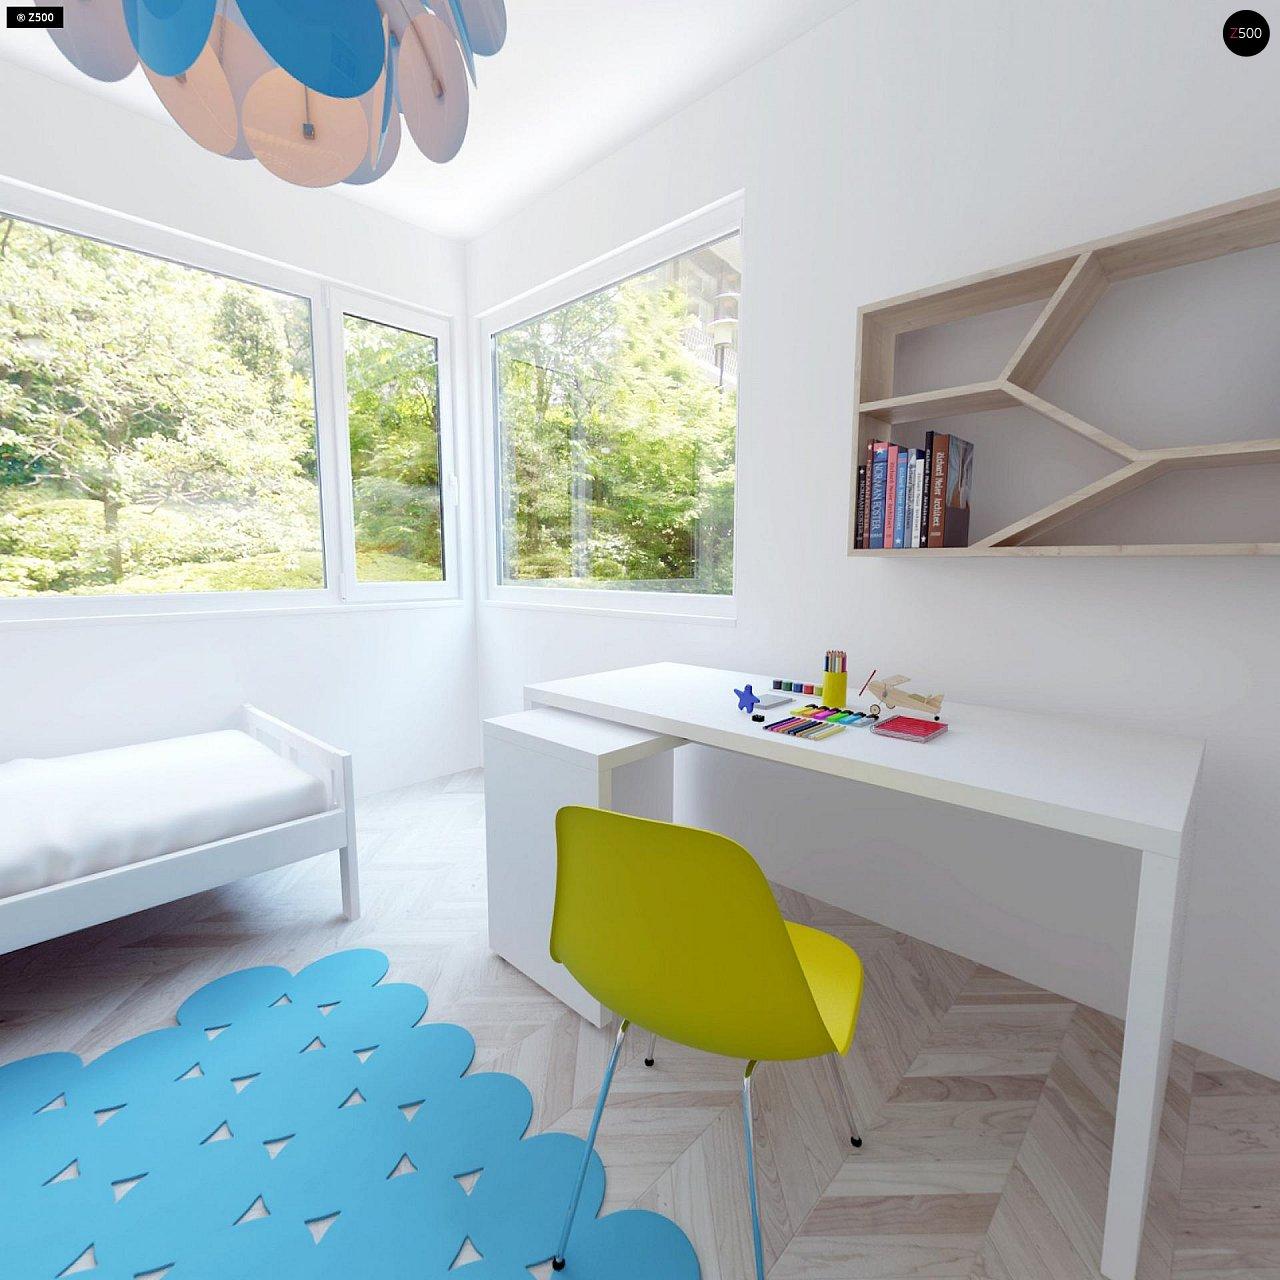 Проект компактного двухэтажного дома строгого современного стиля. 19